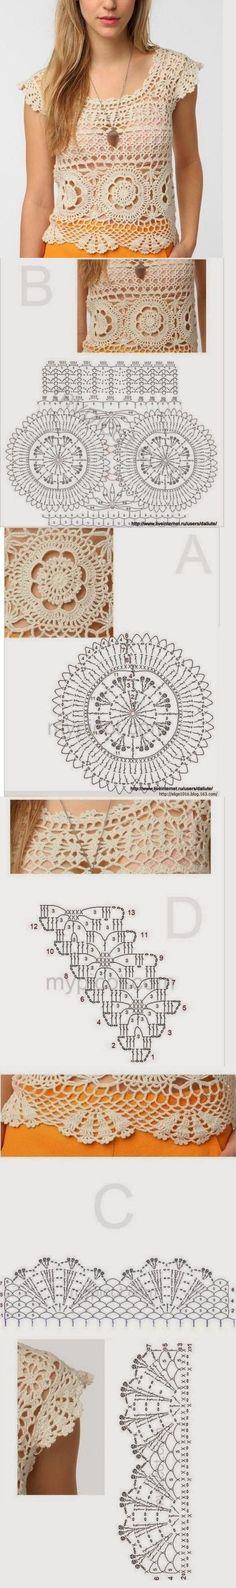 321 best Crochet patterns images on Pinterest | Crochet granny ...